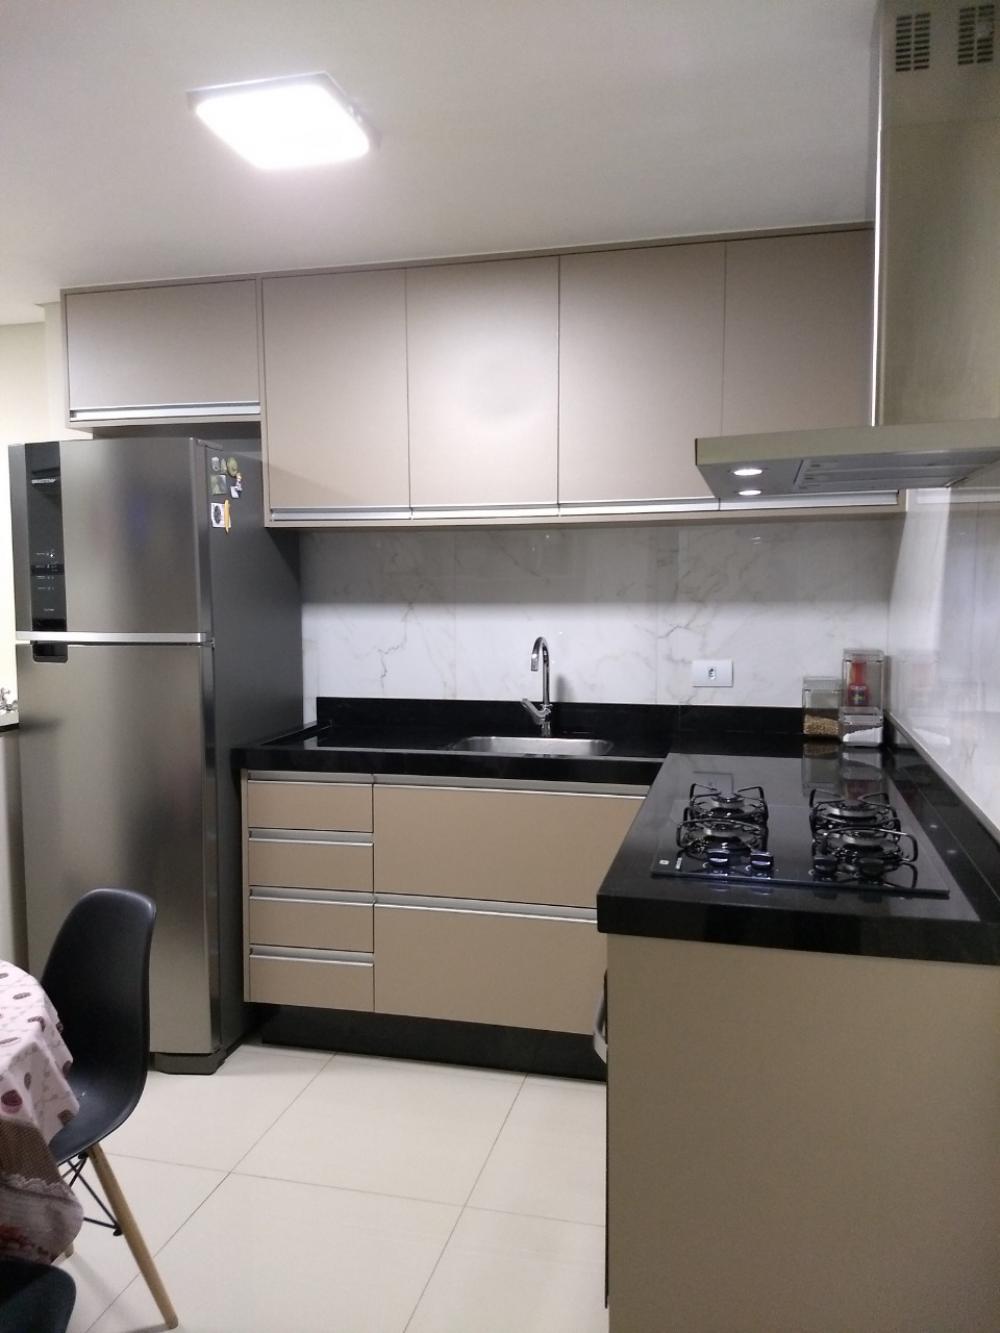 Apartamento novo, todo reformado, com 55 m², sendo 2 dormitórios com armários, banheiro social com box e gabinete, sala de estar com sacada, cozinha planejada, área de serviço com armários. 1 Vaga de garagem. Estuda financiamento.